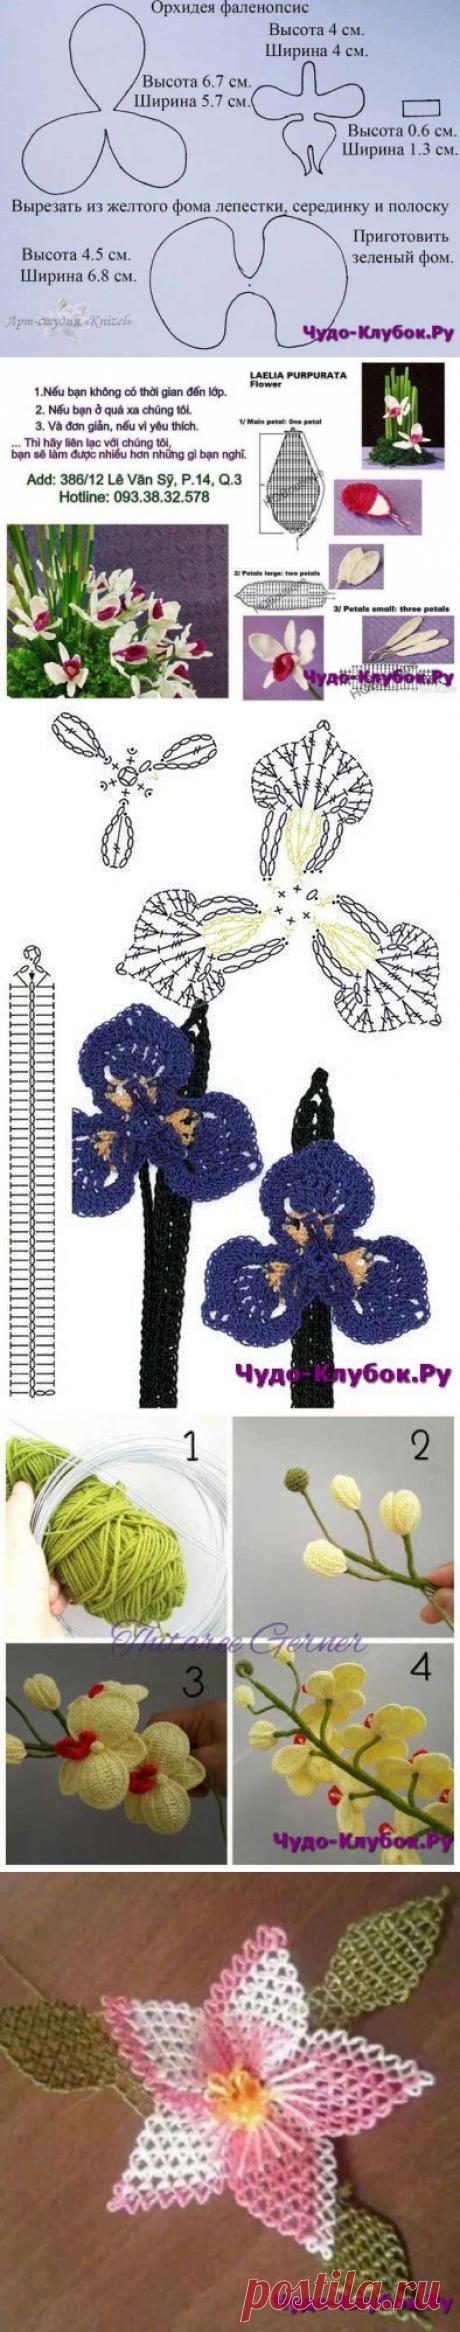 Вязаные орхидеи, схемы и описания + Видео |сайт ЧУДО-клубок